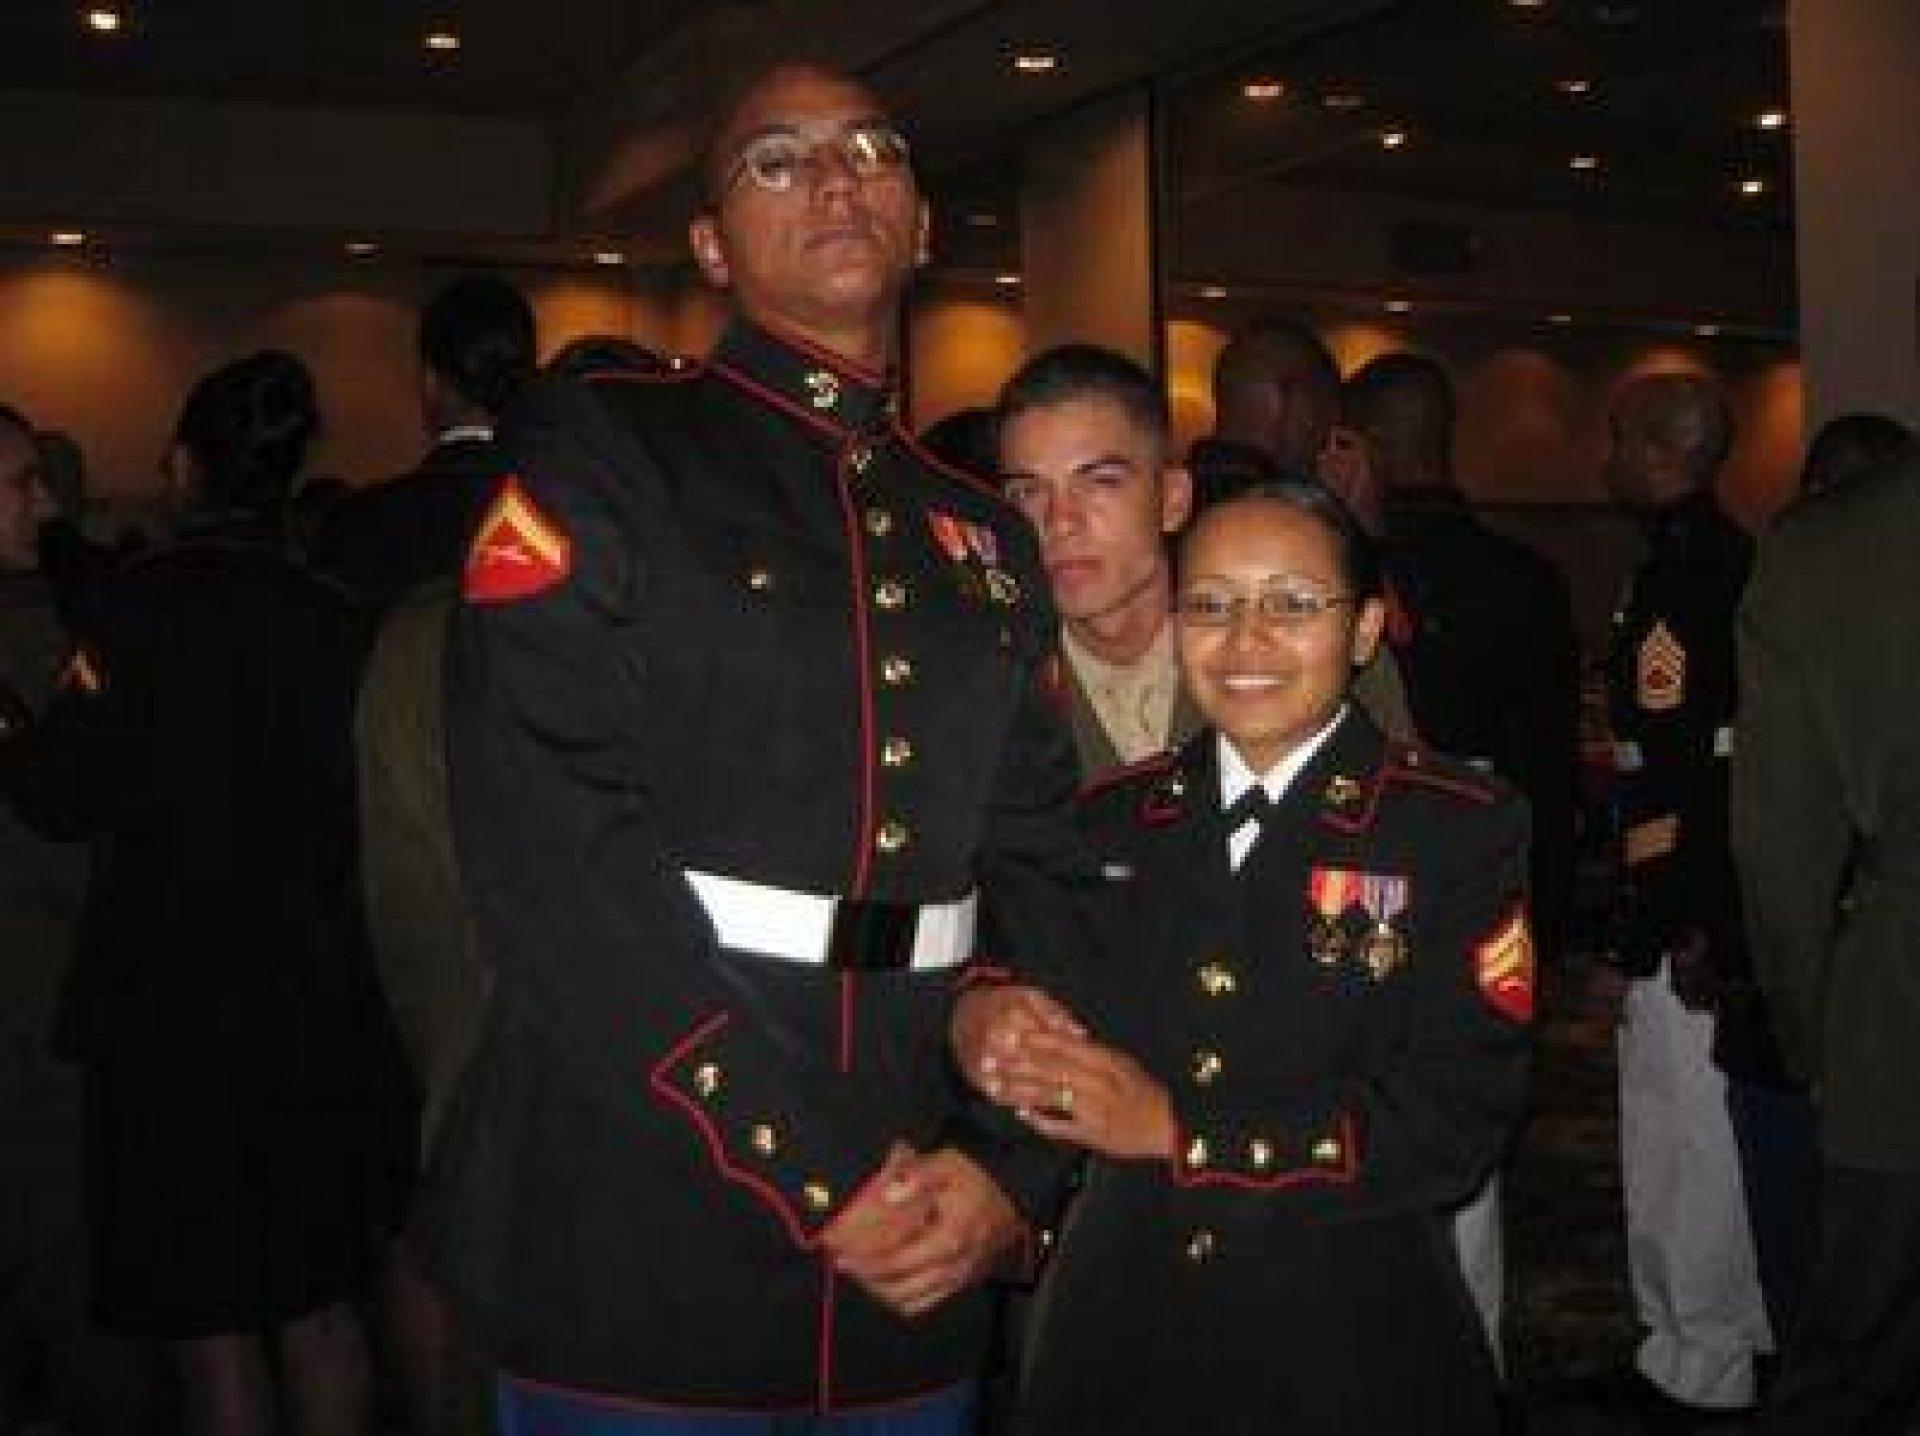 Emilio Pena (Left) in his USMC attire